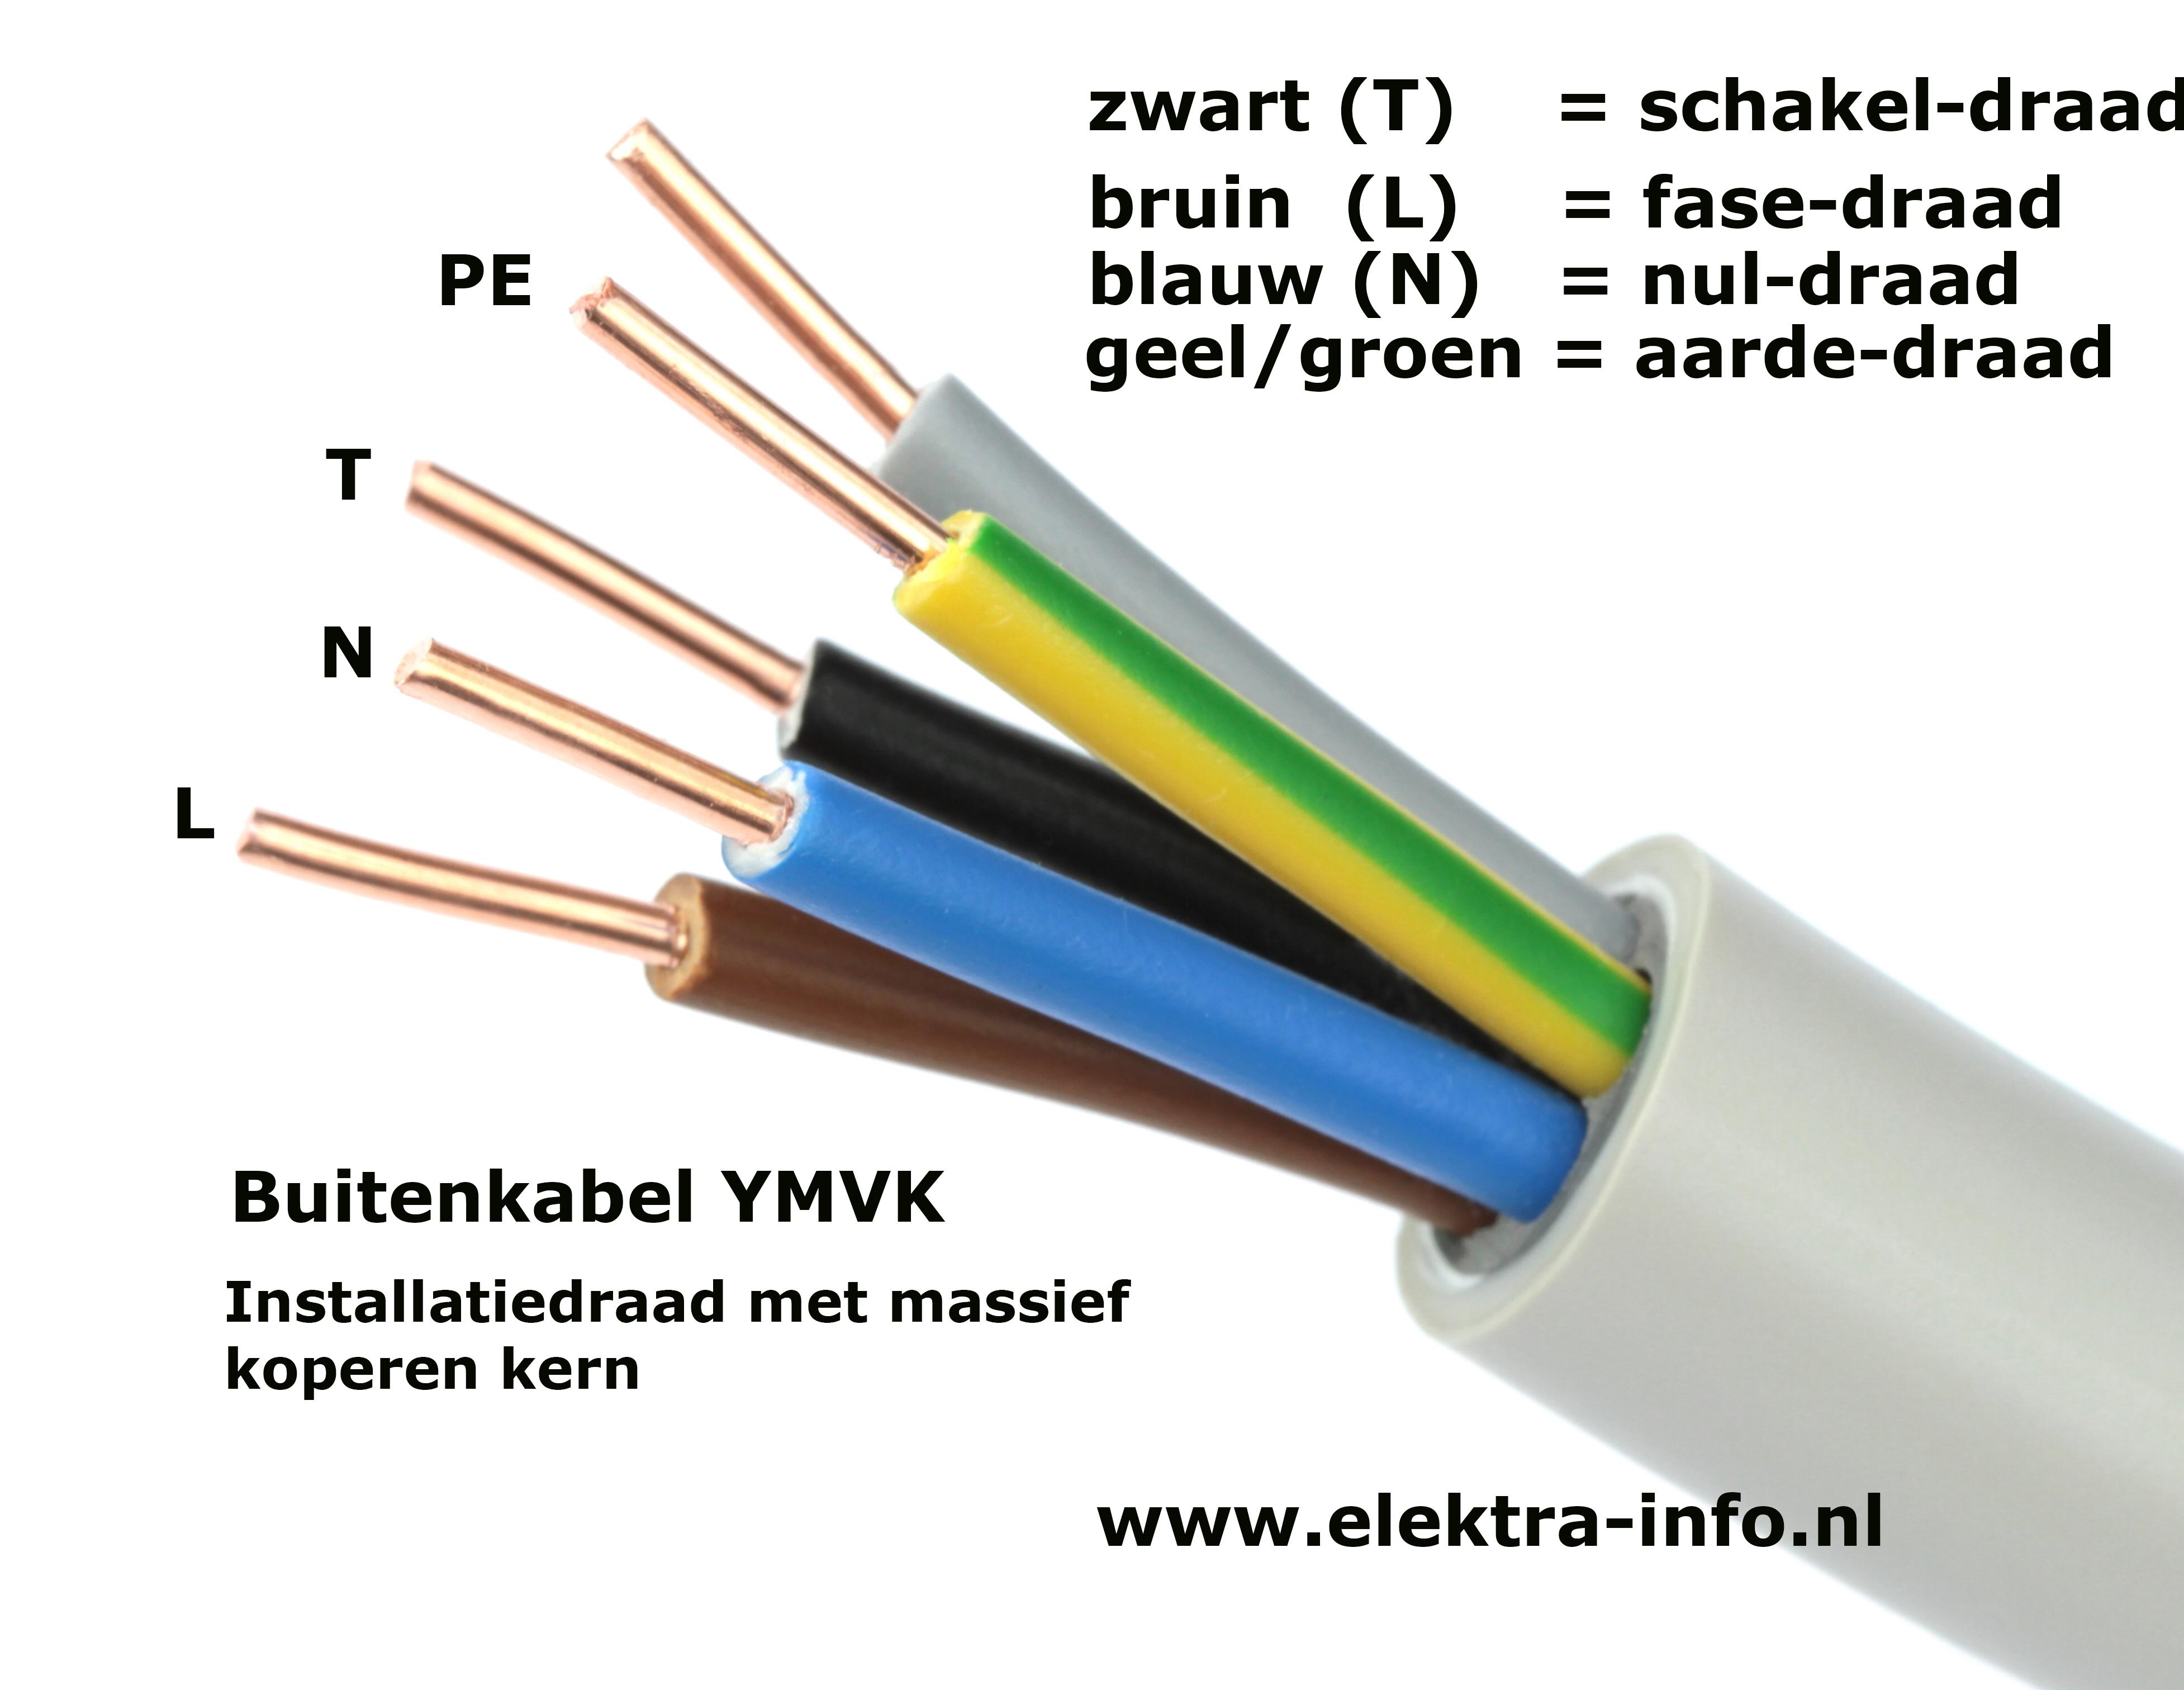 Uitzonderlijk Uitleg lamp aansluiten aan plafond of muur | Elektra-info.nl MG92